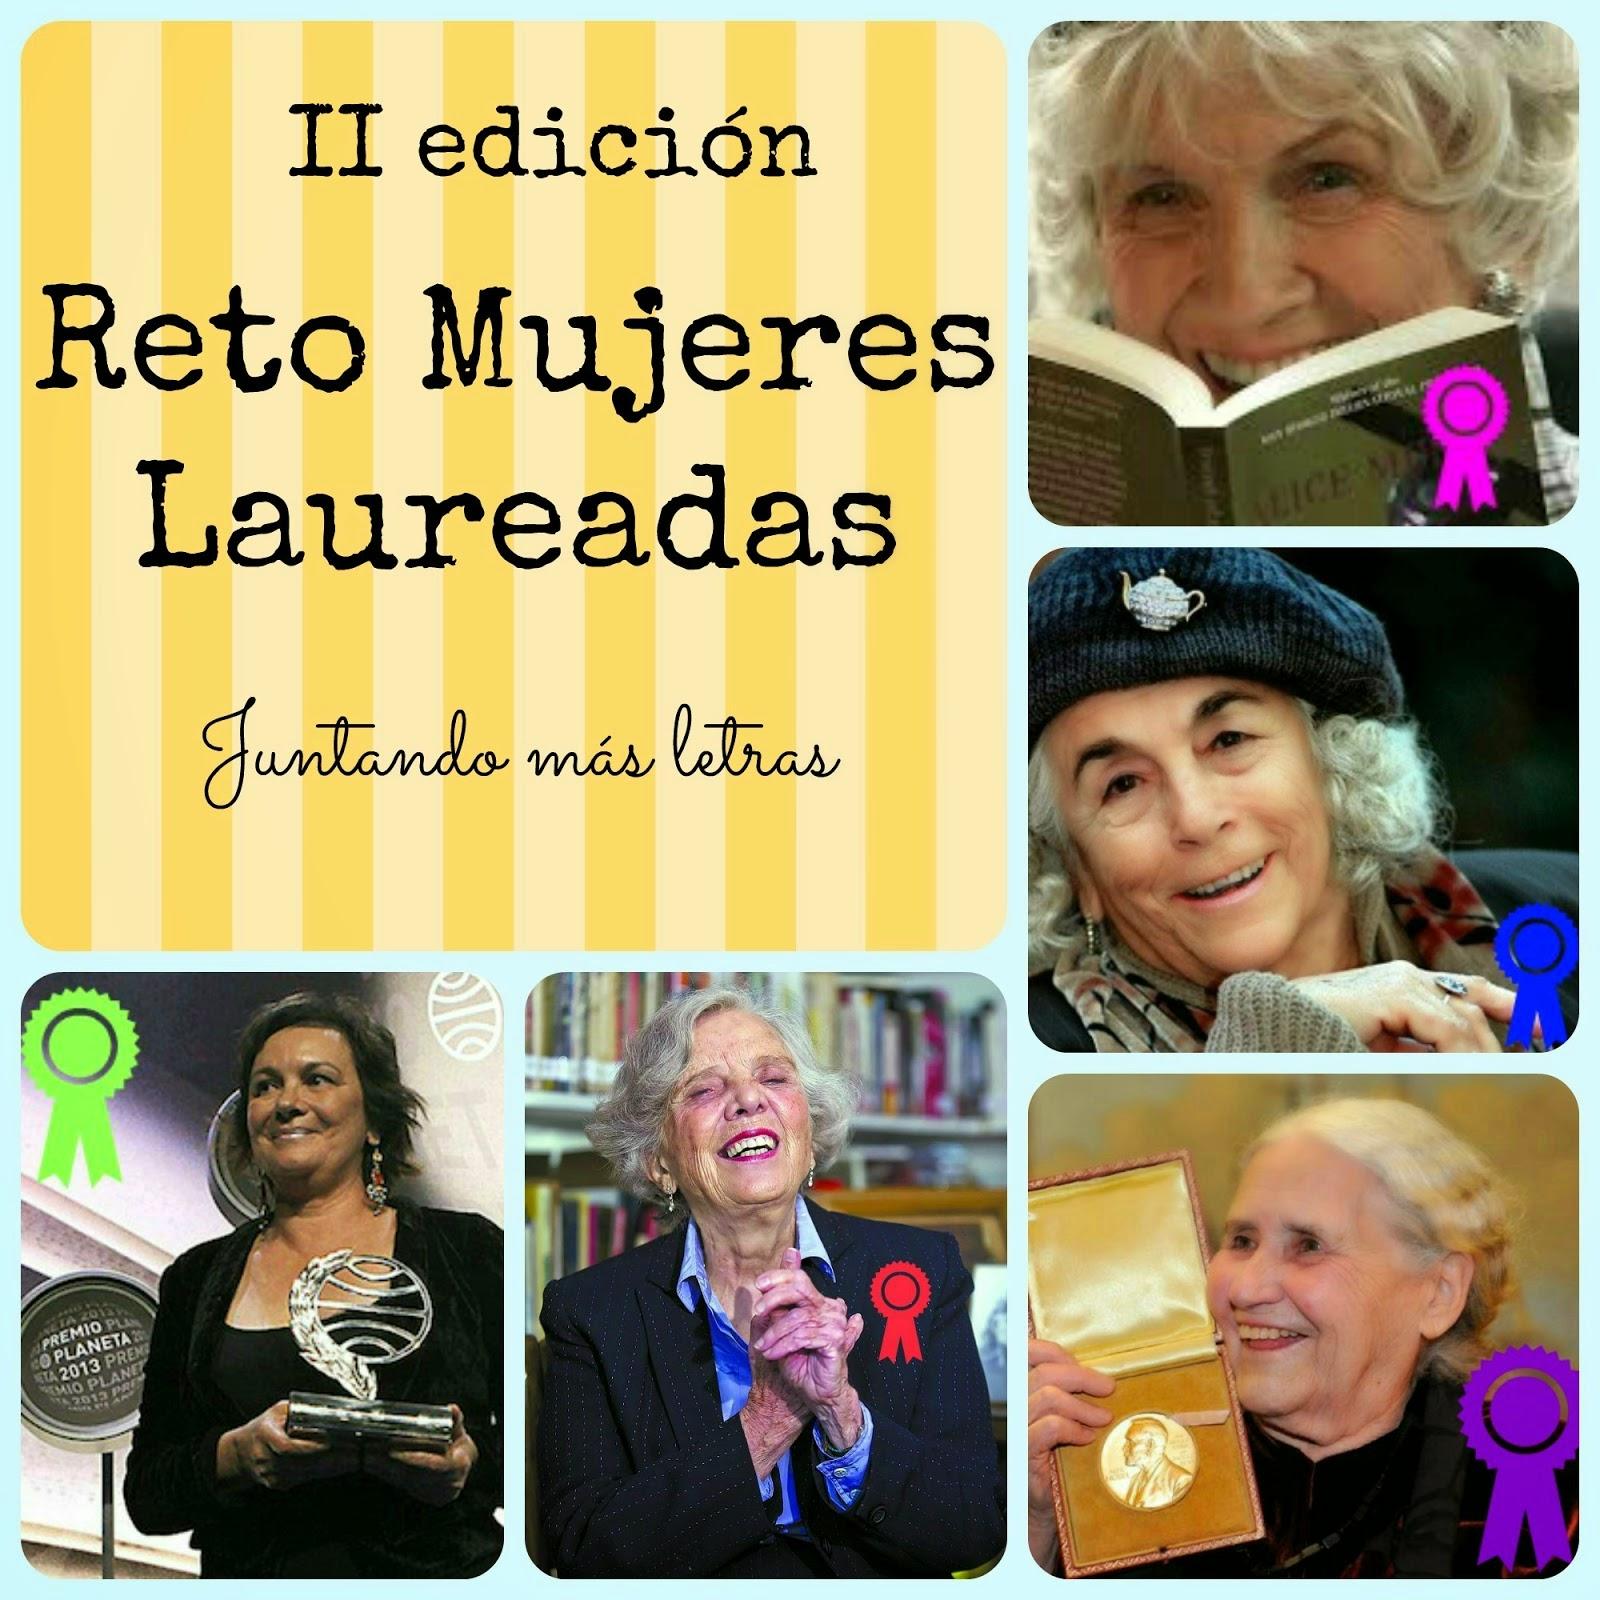 Reto Mujeres Laureadas II Edición